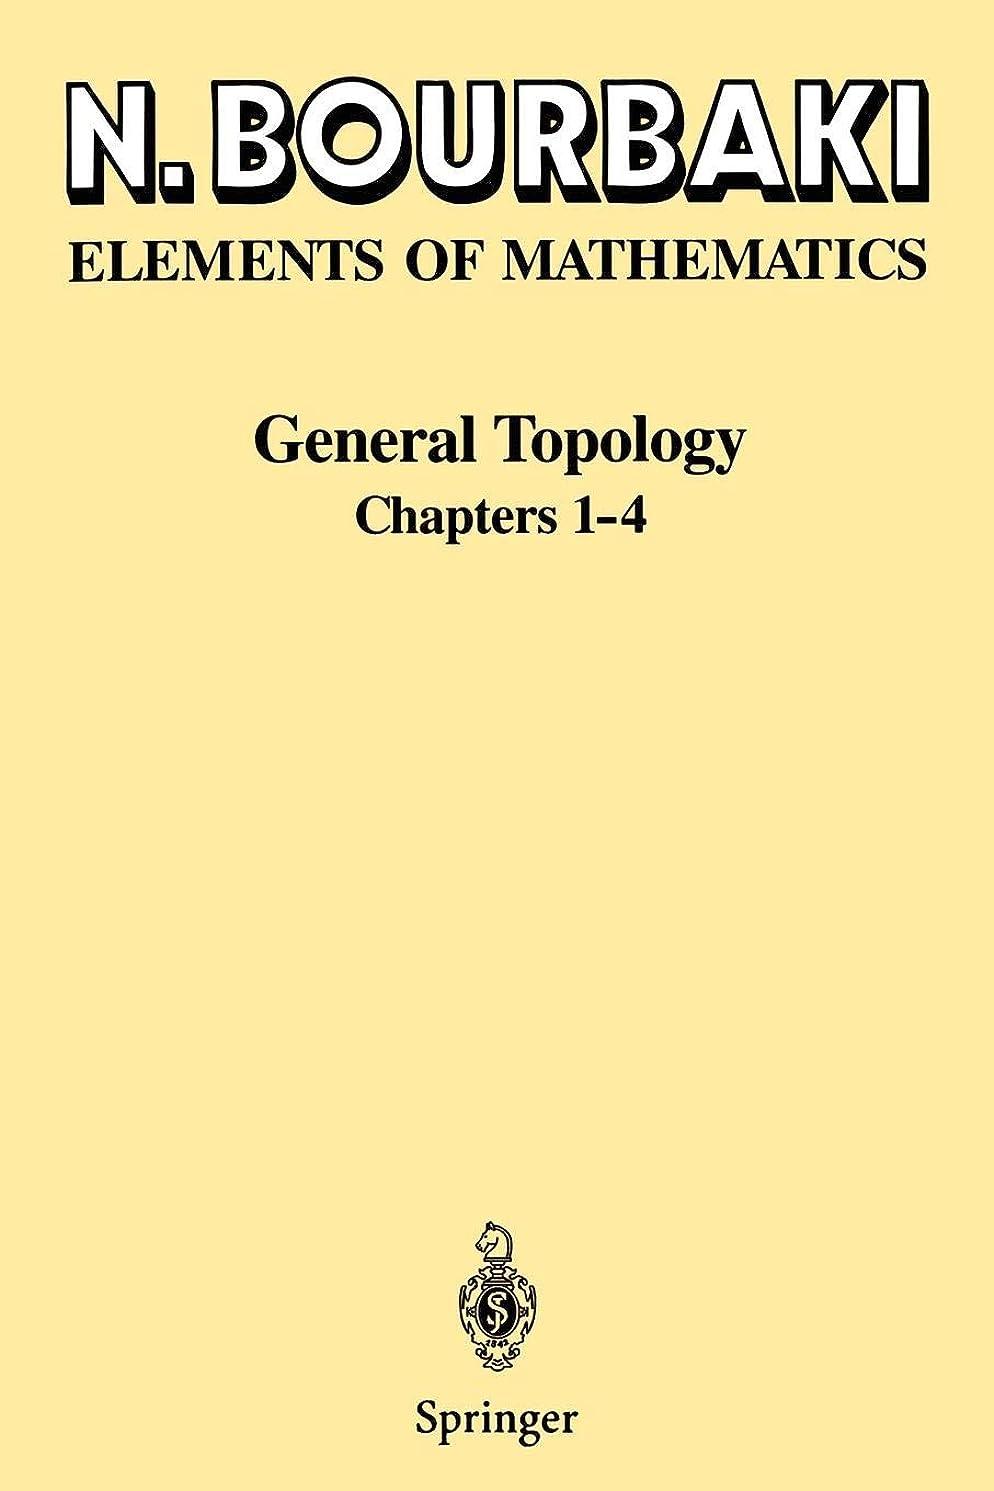 確保するソーダ水別れるGeneral Topology: Chapters 1-4 (Elements of Mathematics)